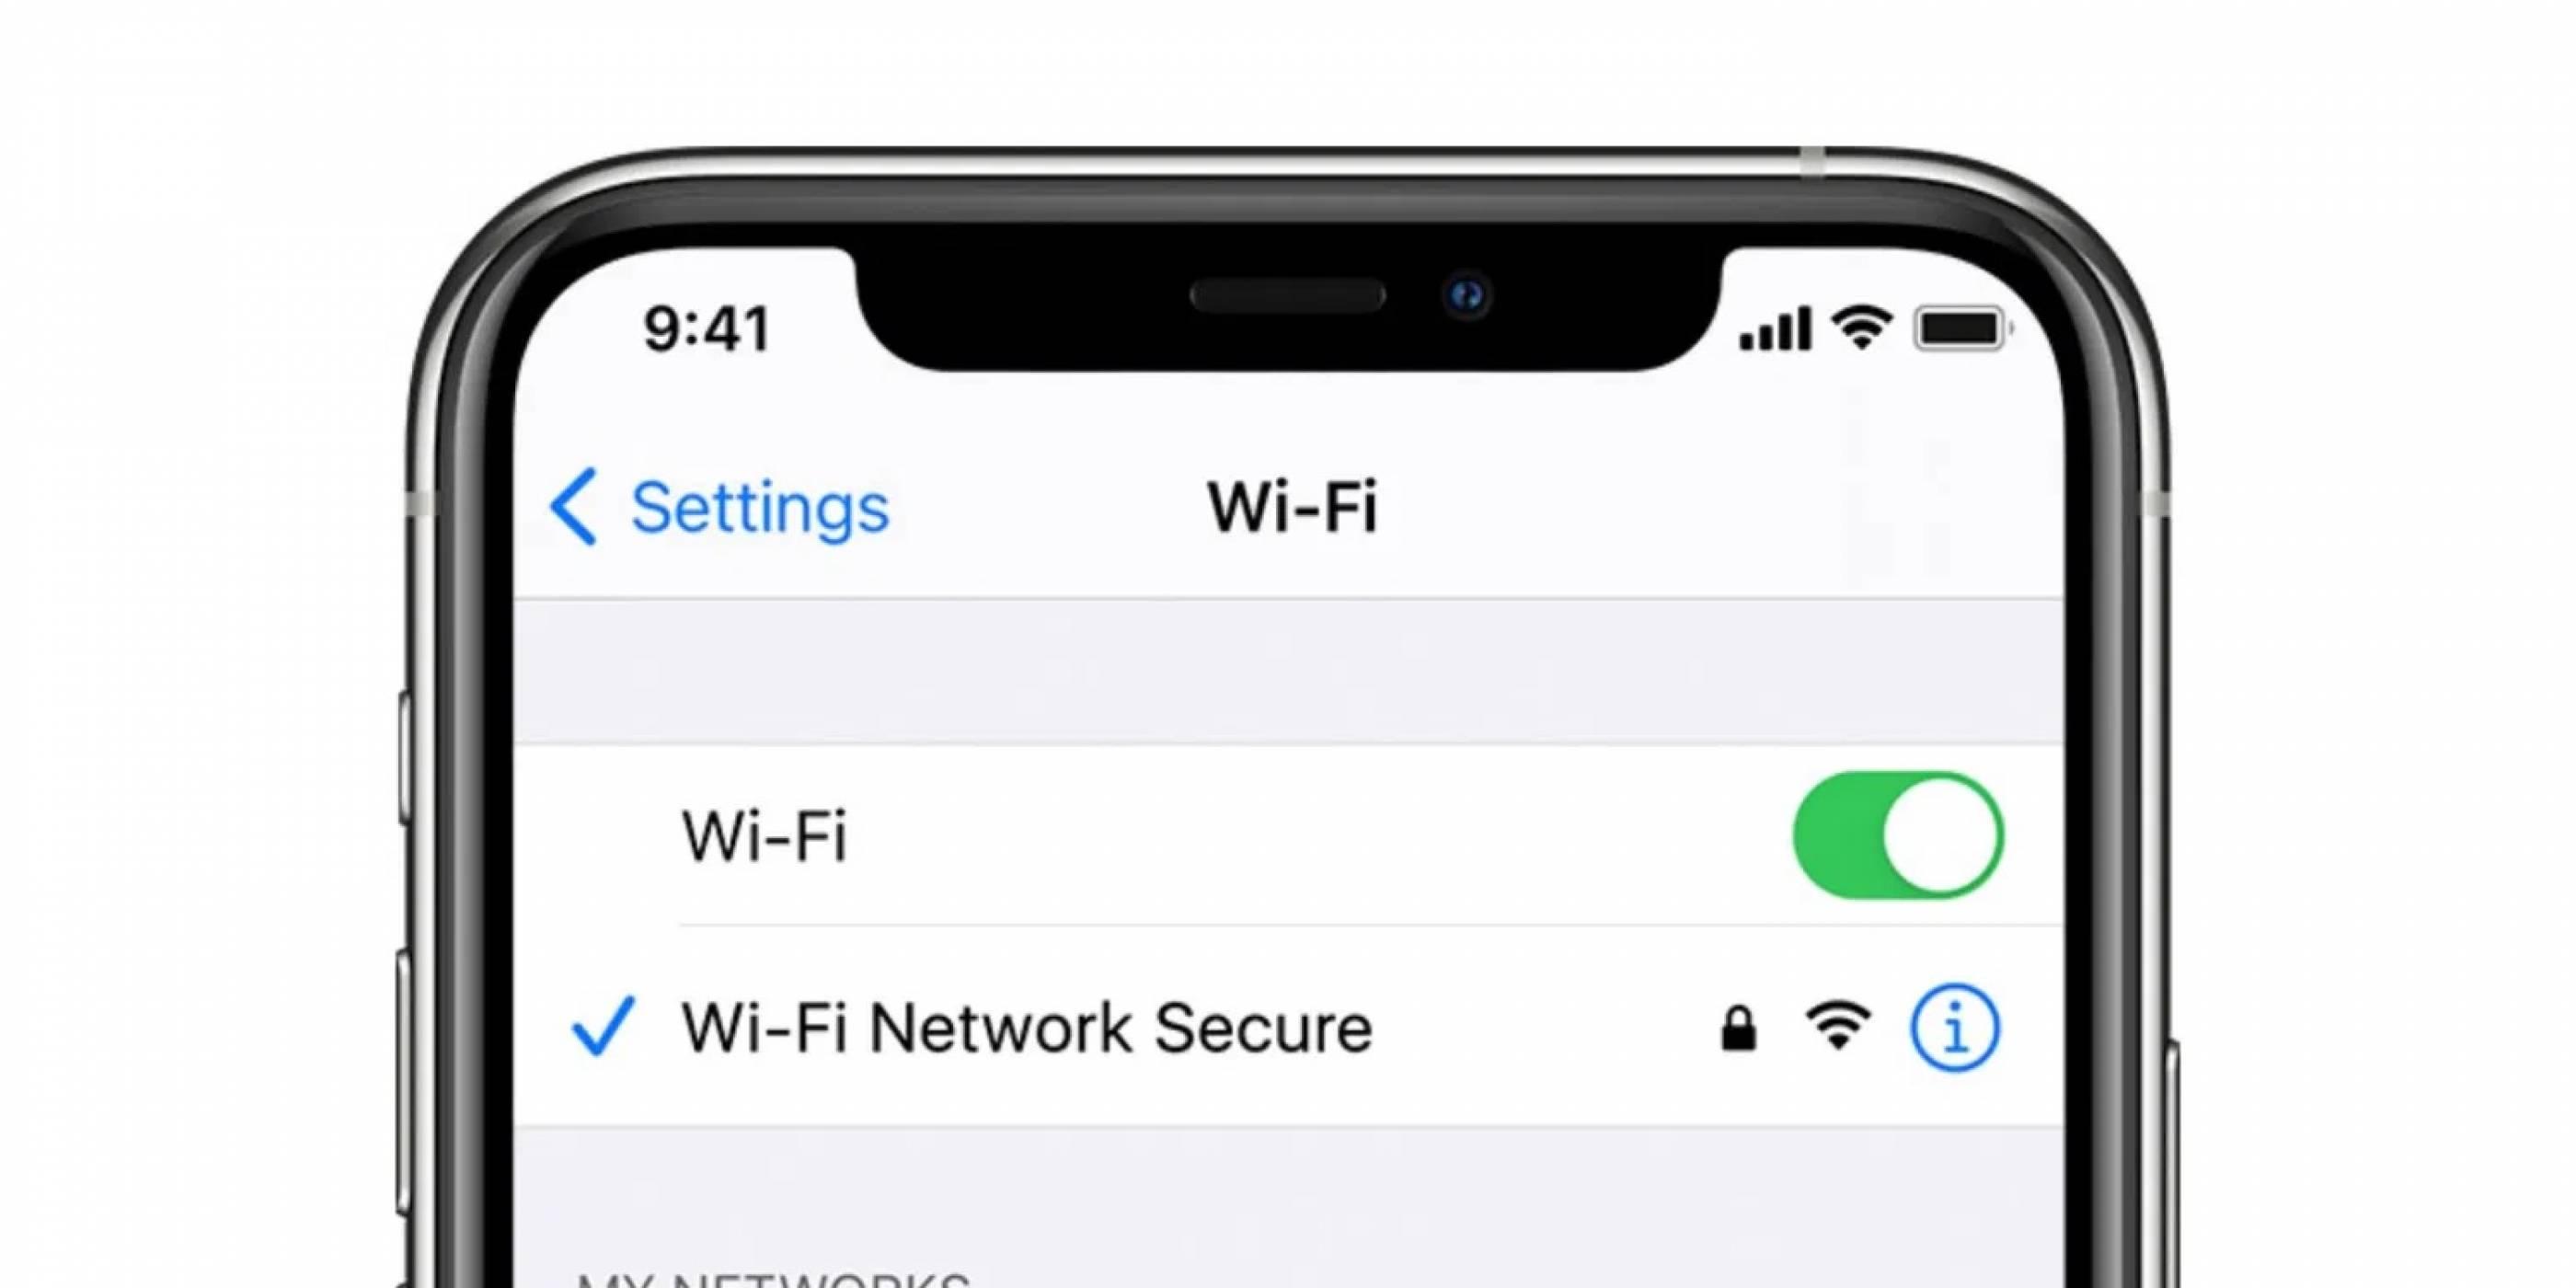 Едно определено име на мрежата може напълно да блокира Wi-Fi връзката на вашия iPhone